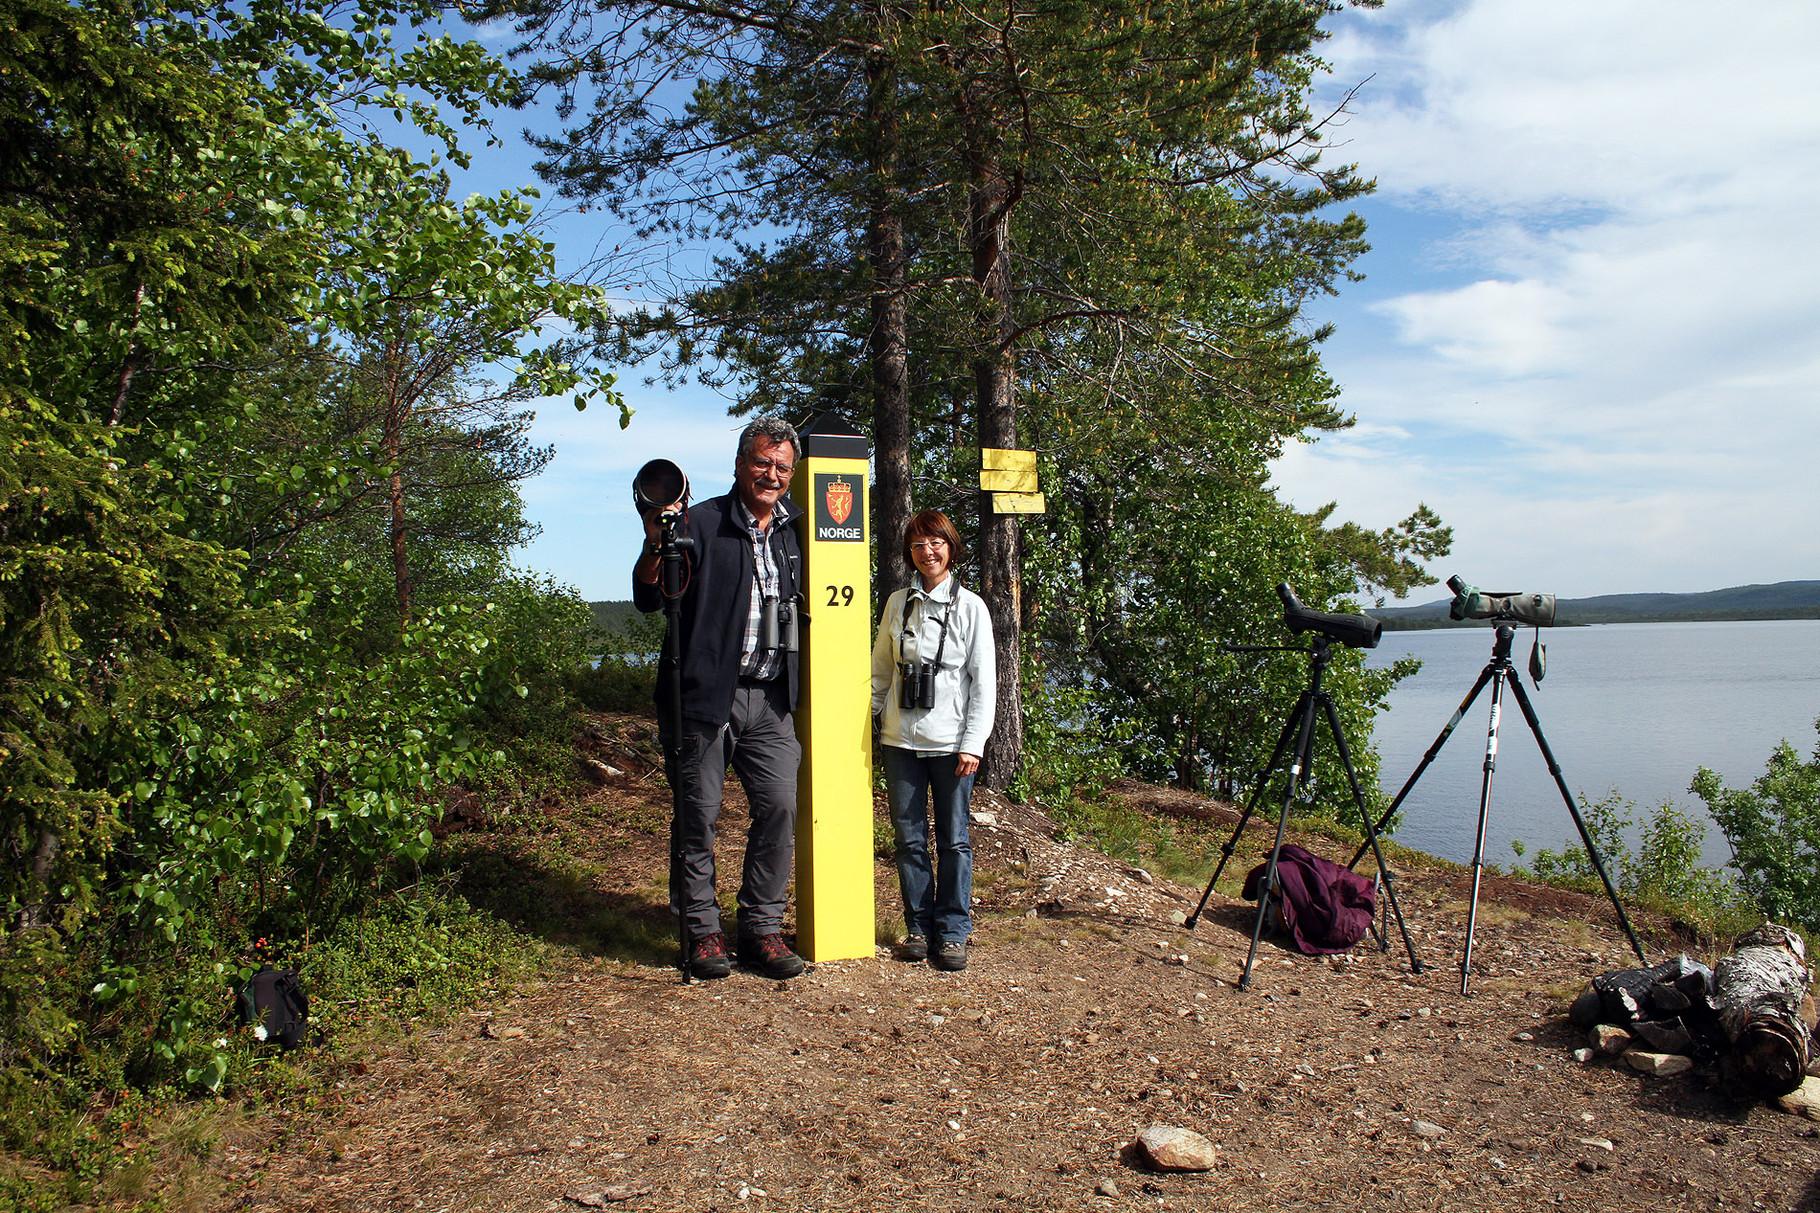 Der Pasvik-Fluss bildet die Grenze zu Russland, die Hügel im Hintergrund sind bereits russisches Gebiet